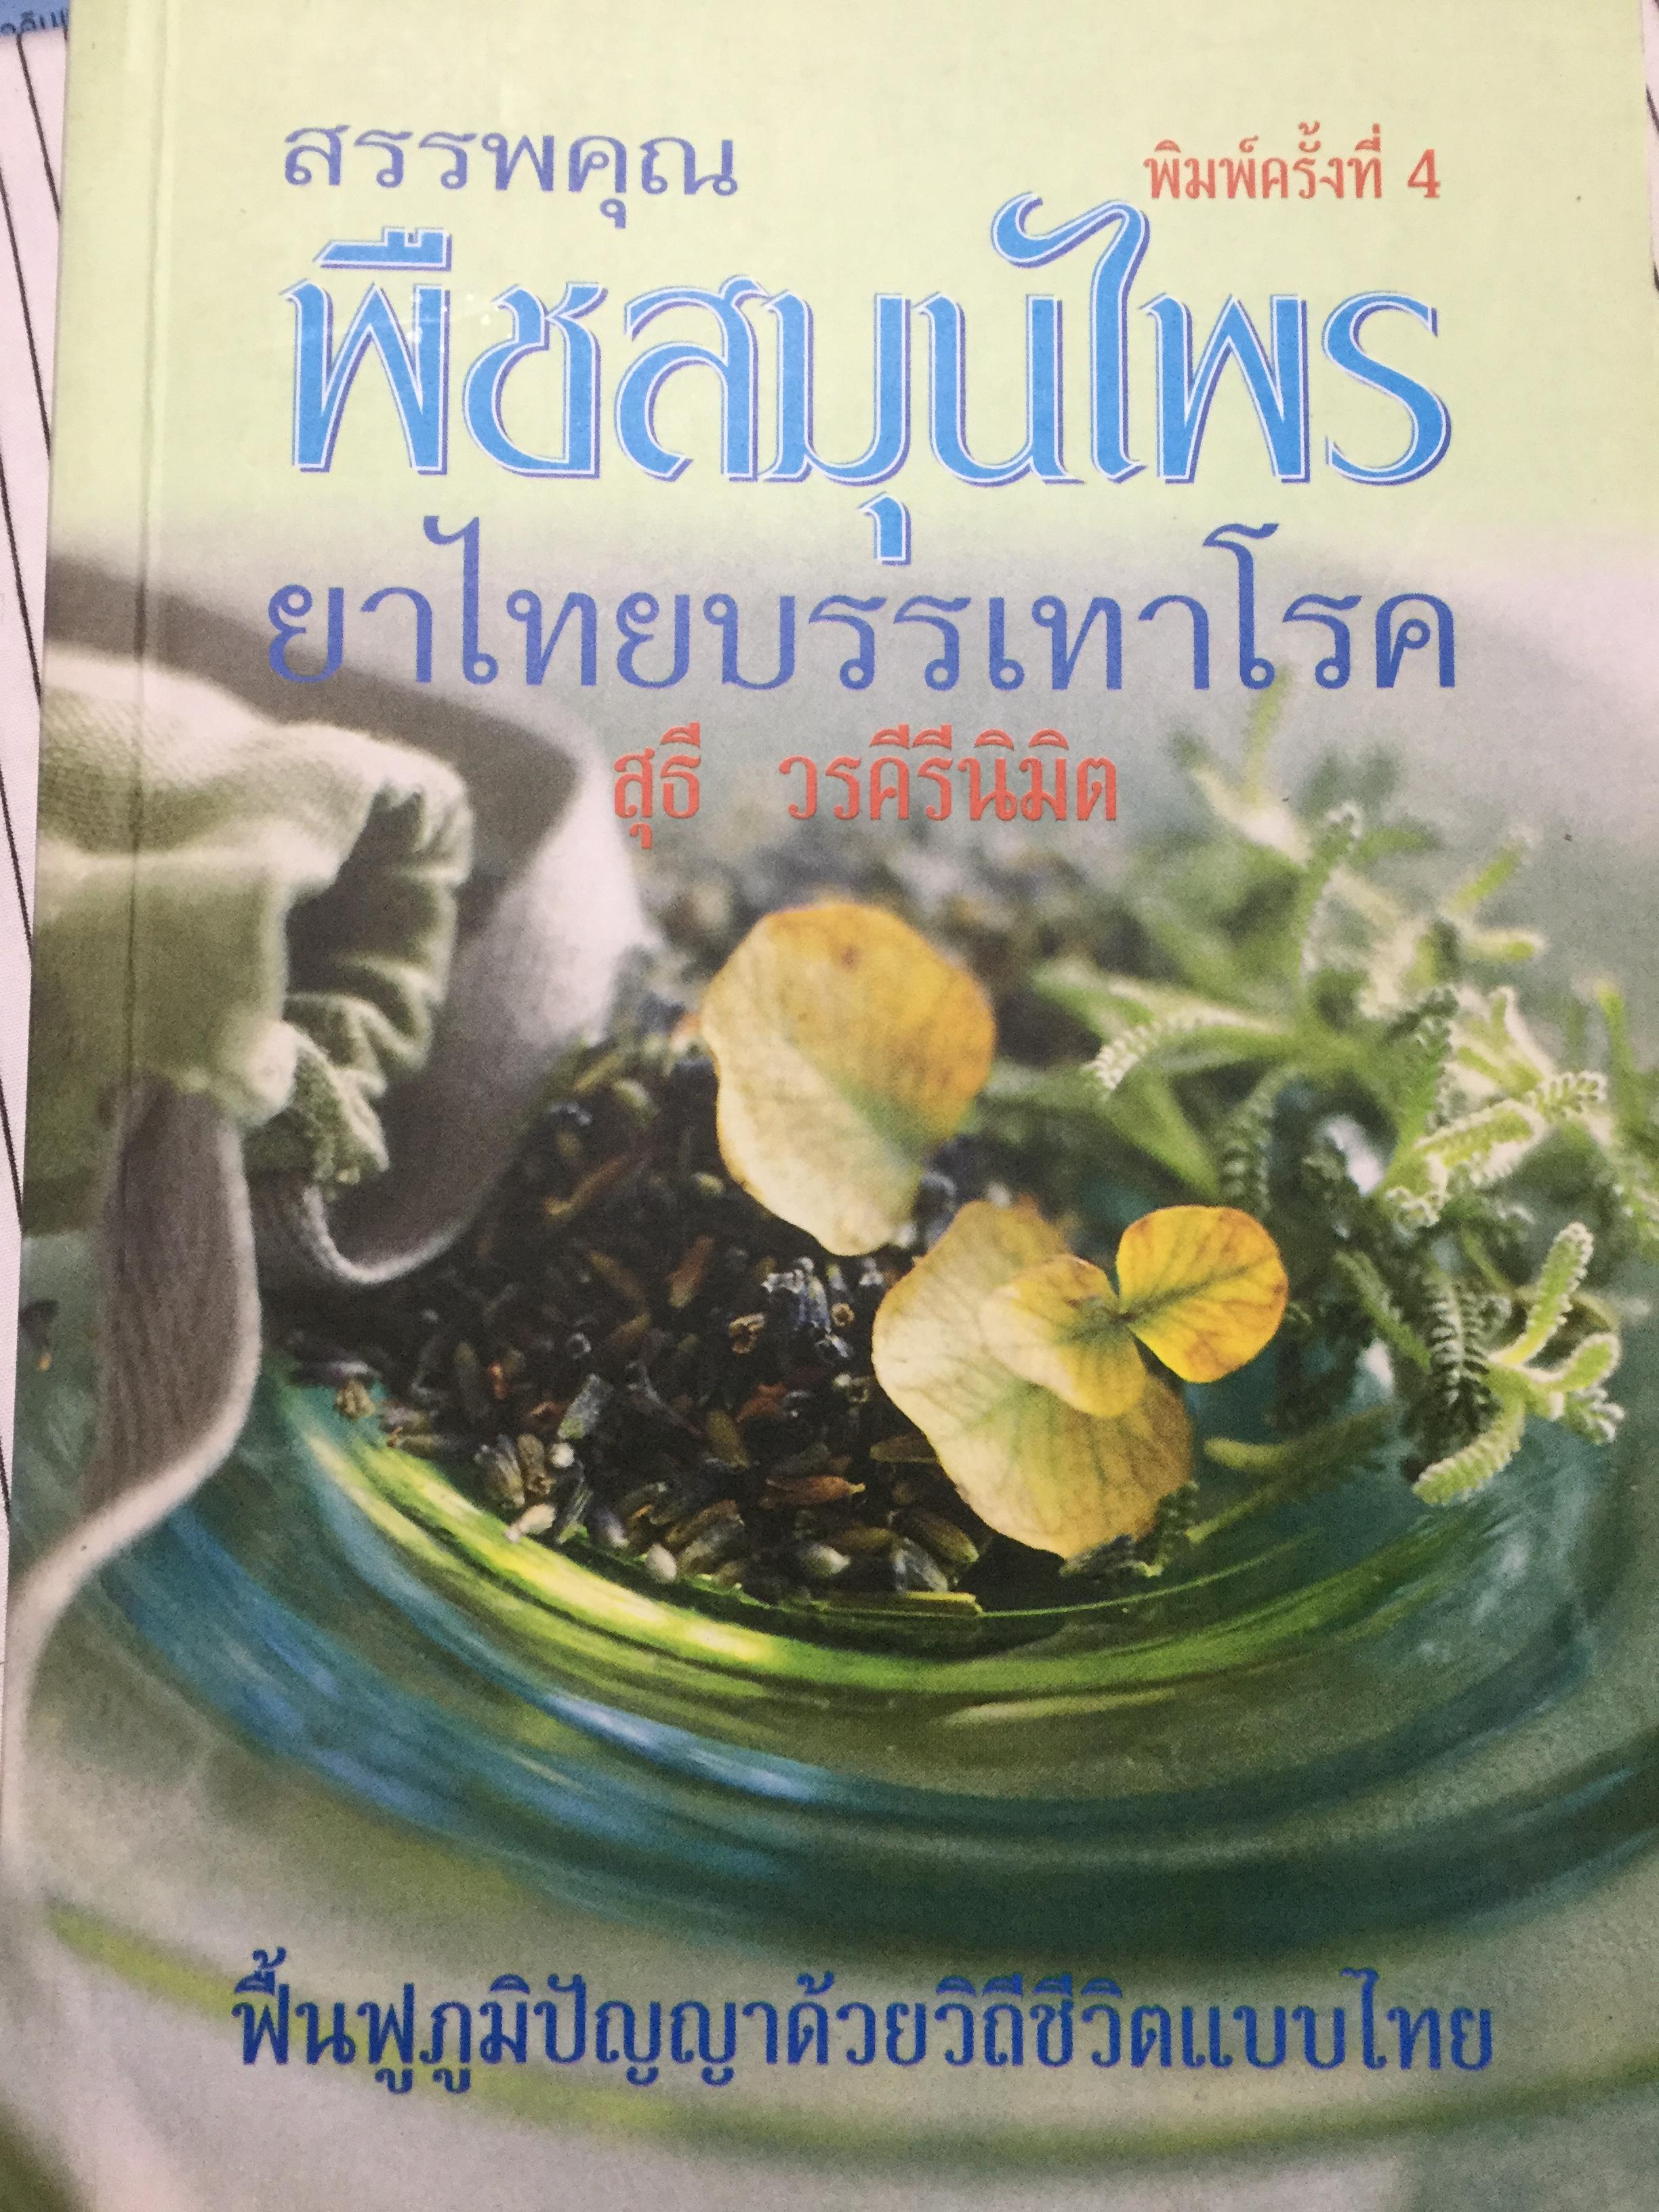 สรรพคุณ พืชสมุนไพร ยาไทยบรรเทาโรค ฟื้นฟูภูมิปัญญาด้วยวิถีชีวิตแบบไทย ผู้เขียน สุธี วรคีรีนิมิต